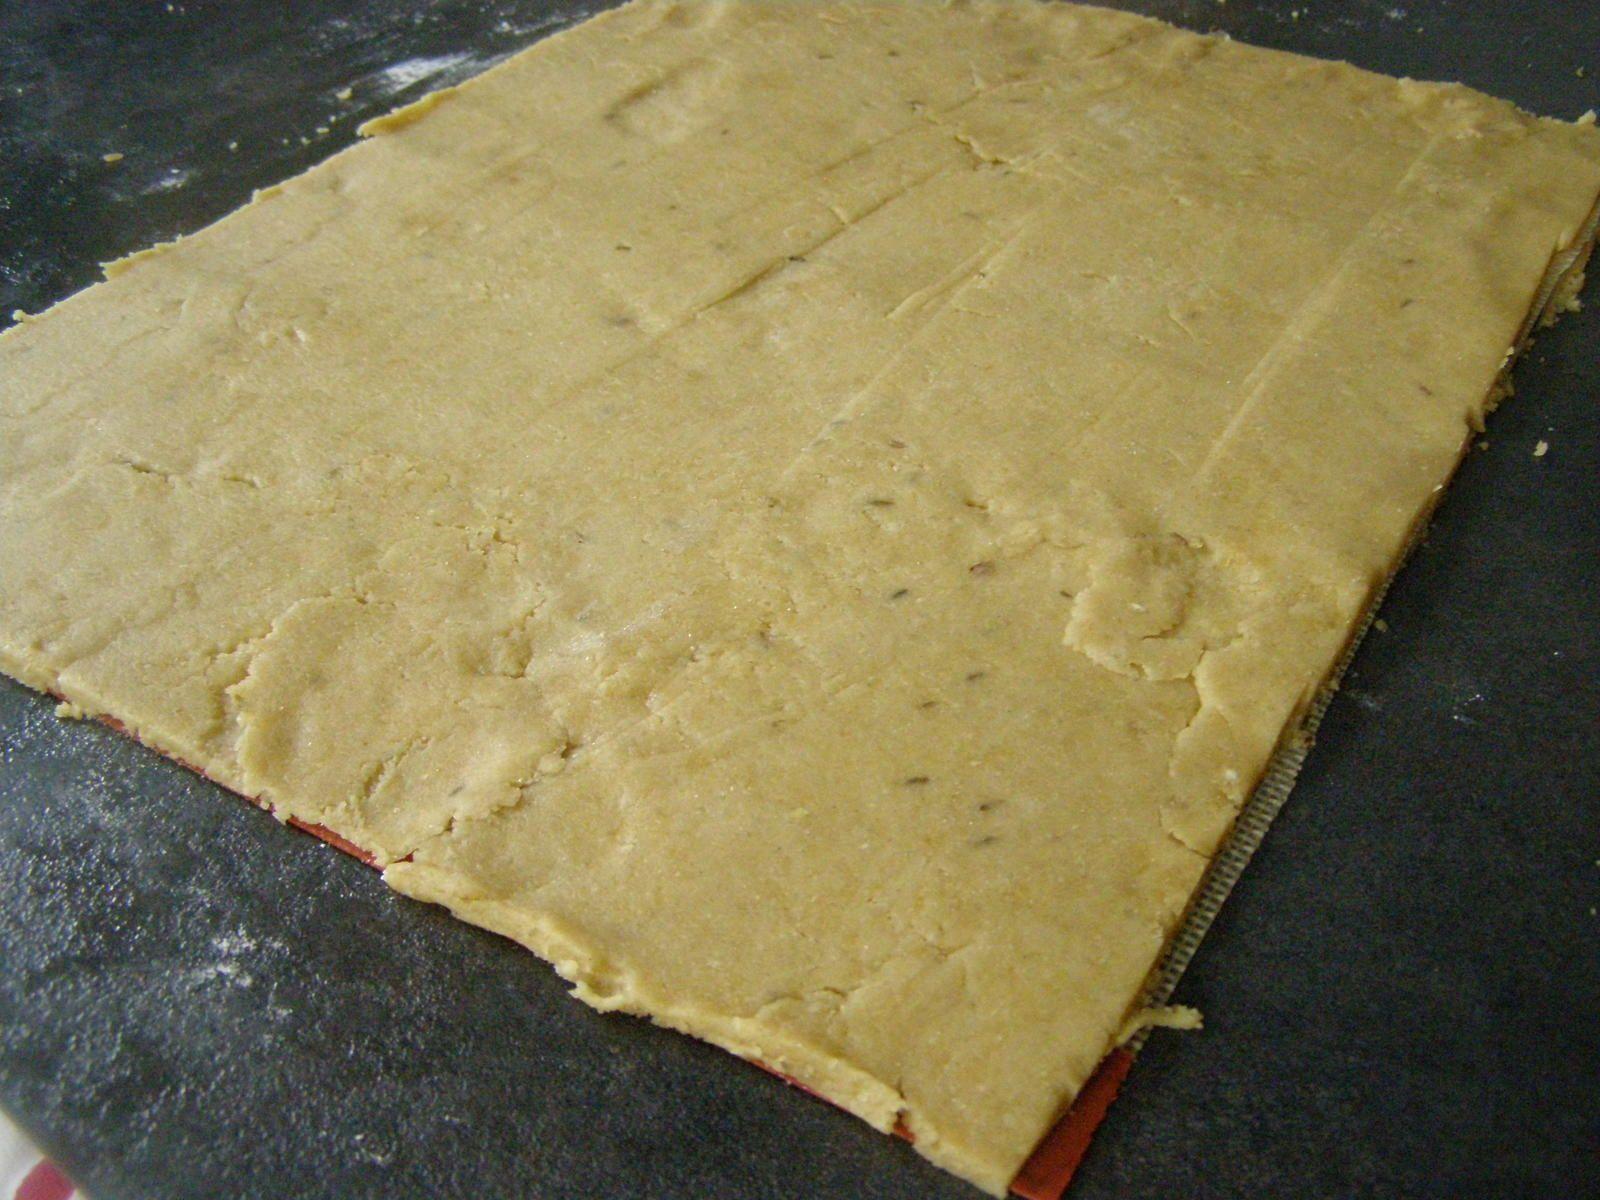 Pâte spéciale indice glycémique bas, pour tarte salée ou sucrée